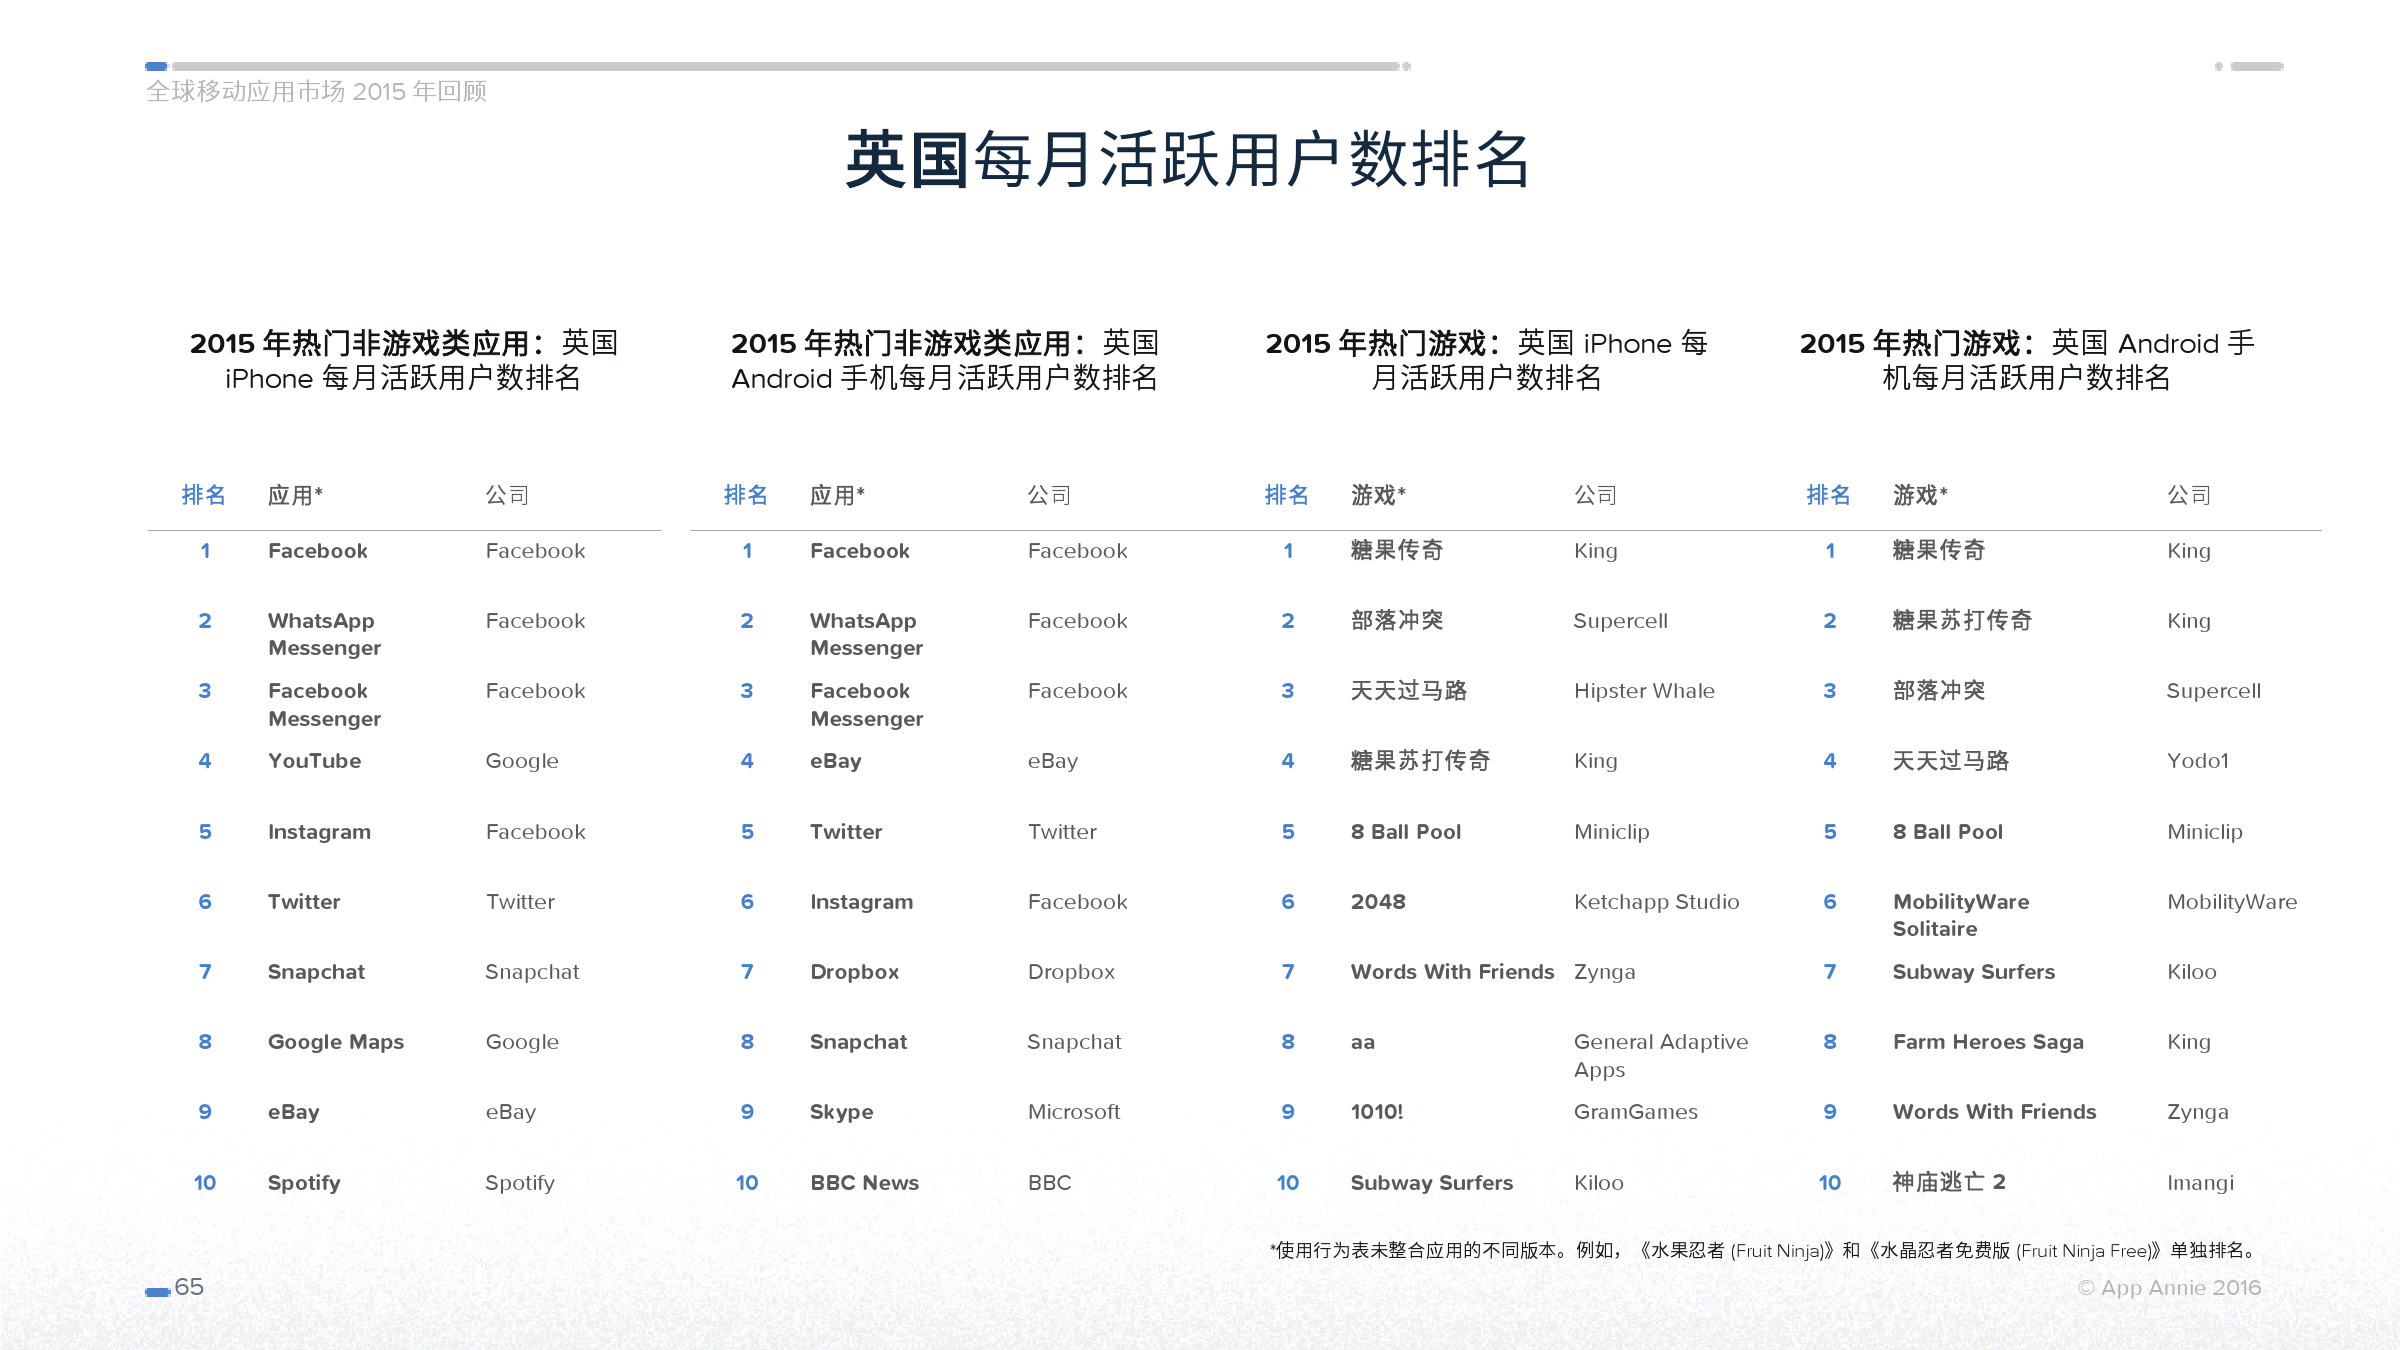 App Annie 全球移动应用市场 2015 年回顾_000065